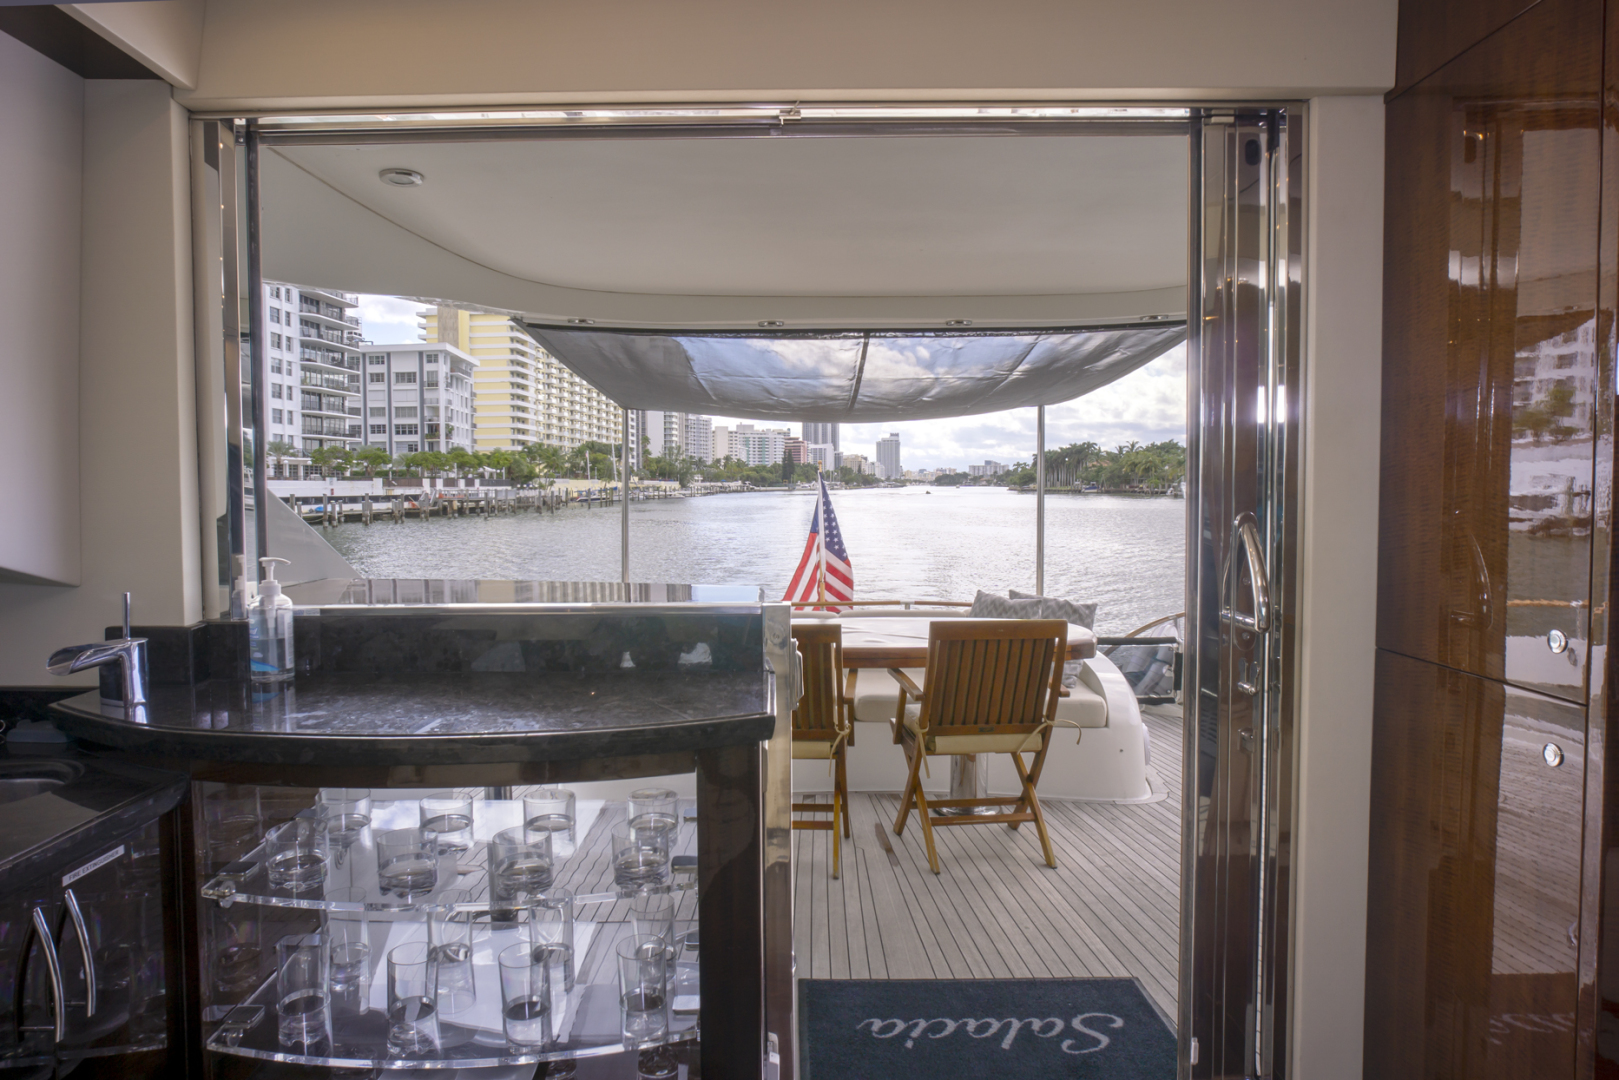 Lazzara-LSX 2007-Salacia Miami Beach-Florida-United States-1578209 | Thumbnail